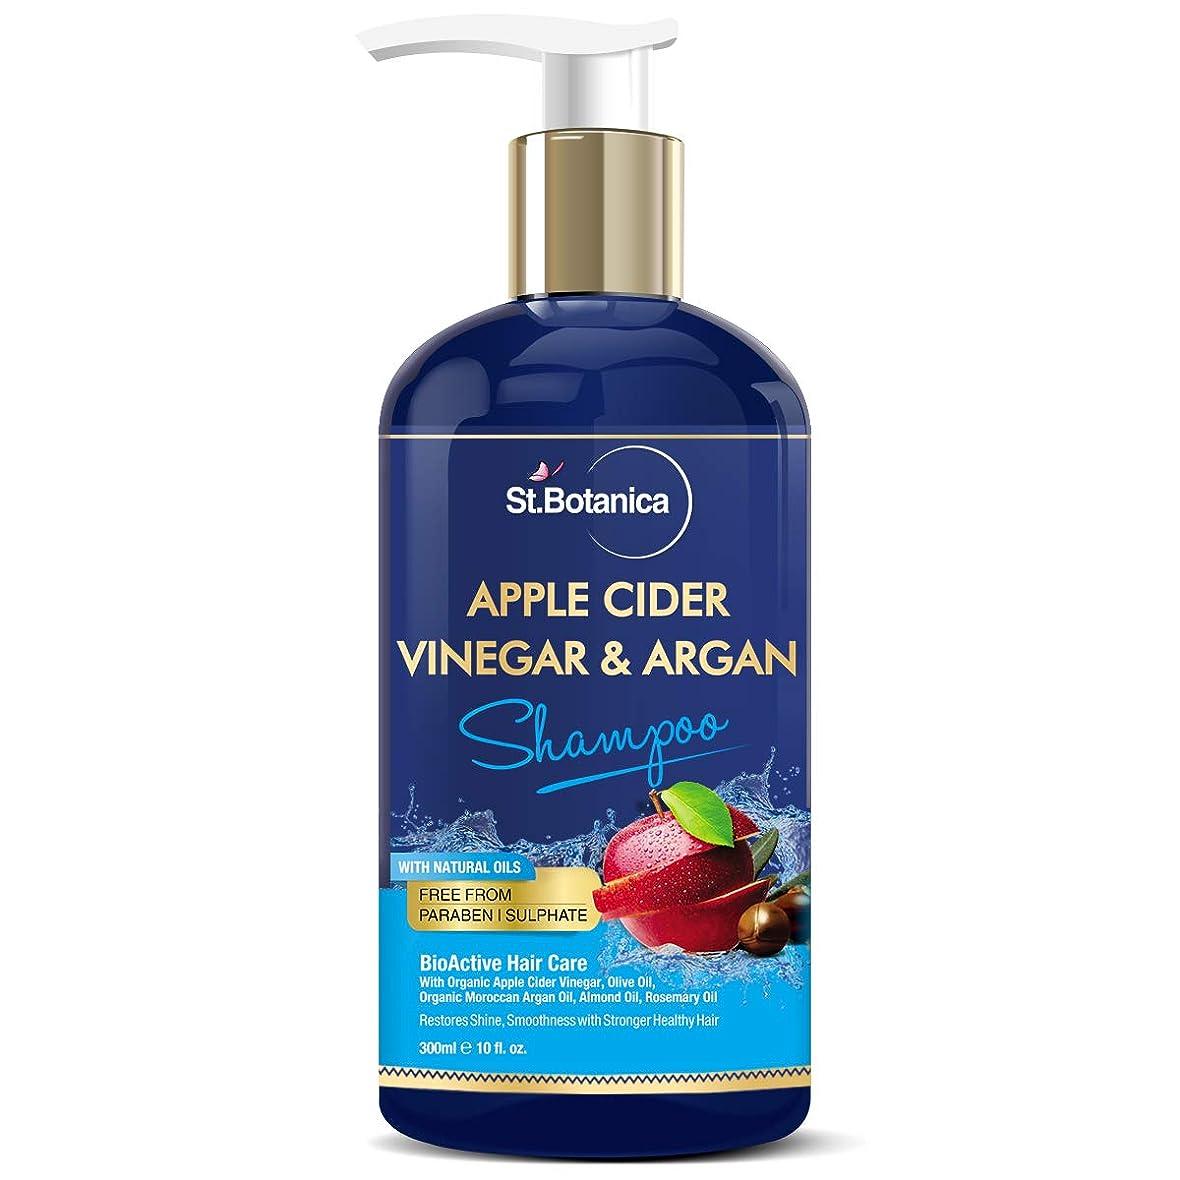 事業内容自動化アフリカ人StBotanica Apple Cider Vinegar & Organic Argan Oil Hair Shampoo - 300ml - No Sulphate, No Parabens, No Silicon